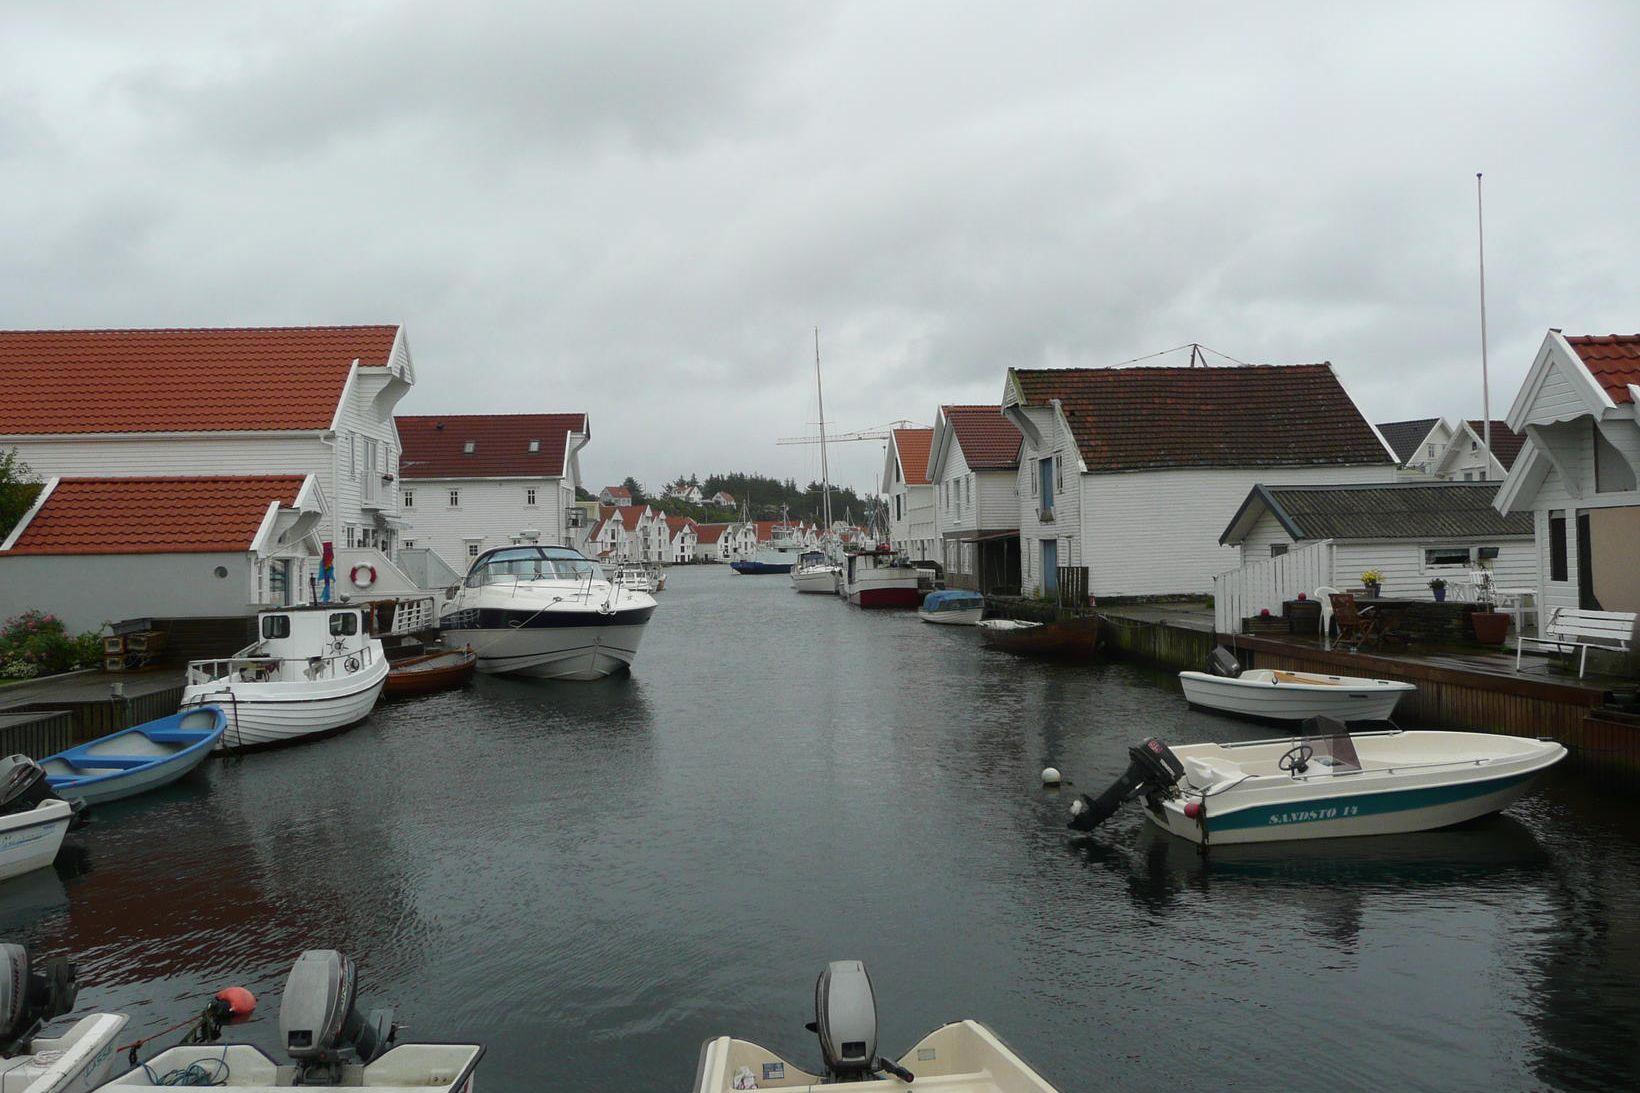 Skudeneshavn á Karmøy úti fyrir bænum Haugesund í Rogaland við …